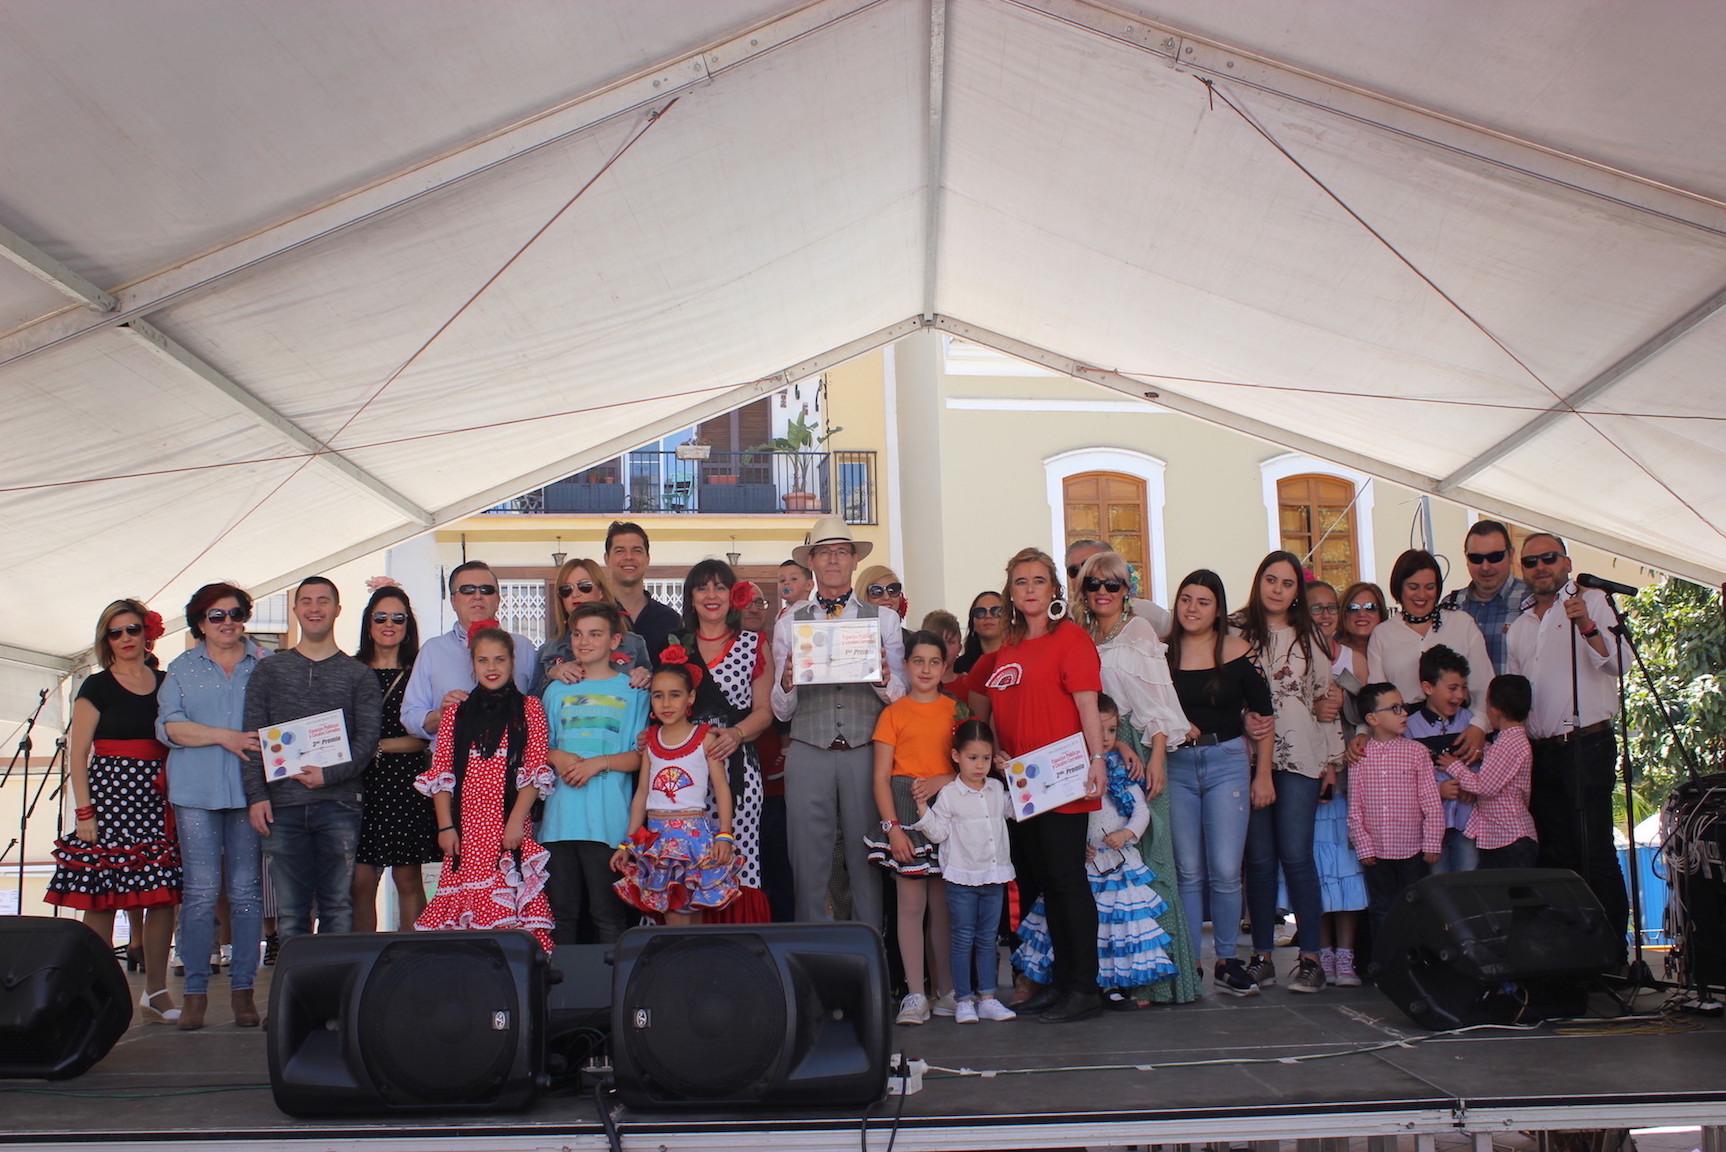 LA CONCEJALA DE FIESTAS JUNTO AL JURADO Y UNO DE LOS GRUPOS GANADORES (Foto: El Faro)